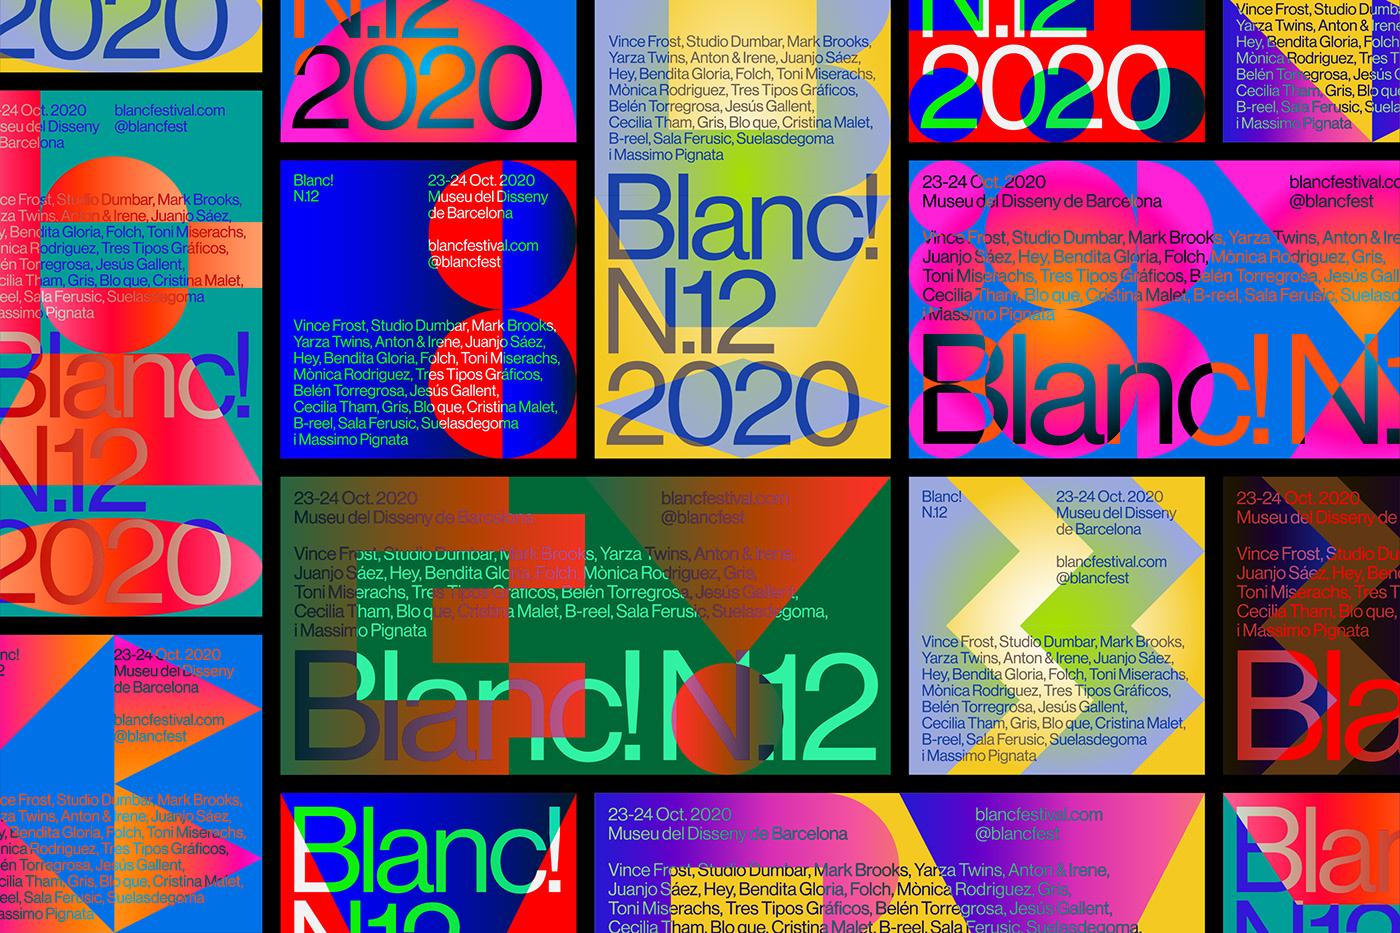 Thumbnail for Blanc! N.12's Branding Speaks To The Festival's Joyful Spirit